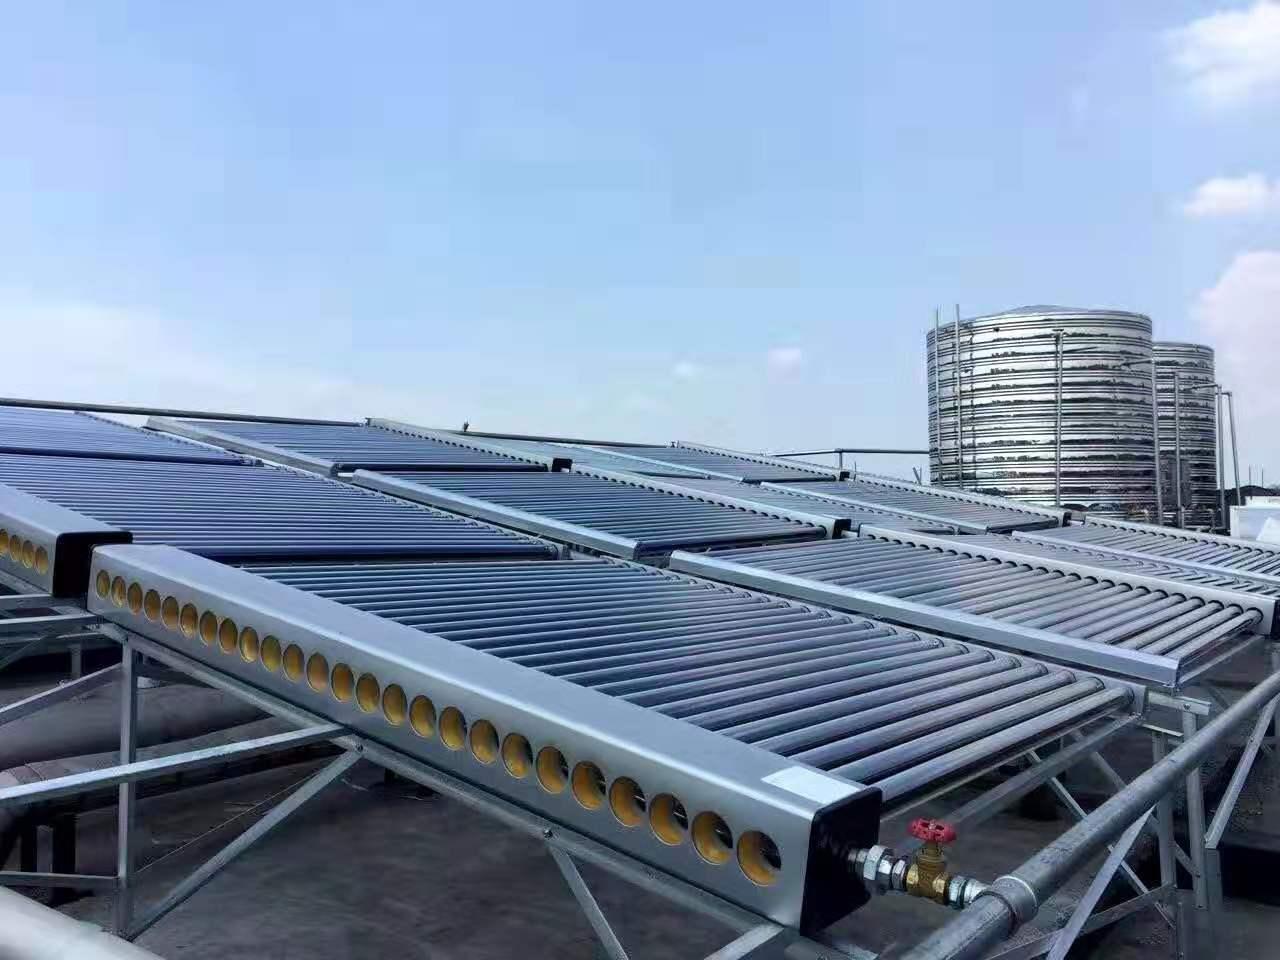 苏州工业园太阳能热水工程市场价格